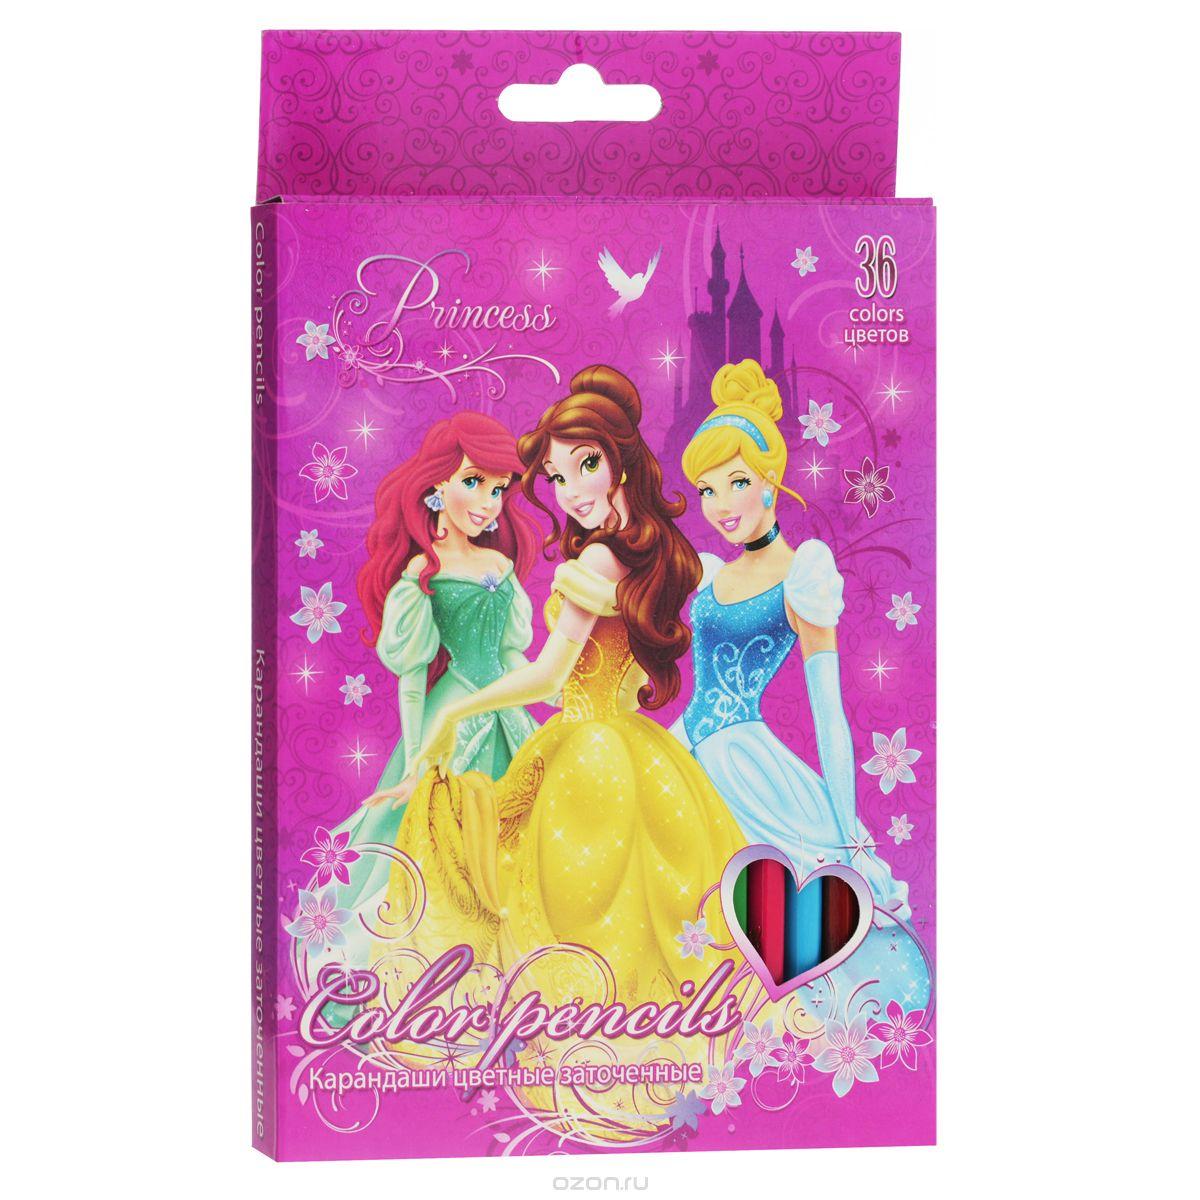 Набор цветных карандашей, 36 шт. Цветные карандаши длиной 17,8 см; заточенные; дерево - липа; цветной грифель 2,65 мм; PrincessPRAB-US1-1P-36Канцелярский набор Disney Princess станет незаменимым атрибутом в учебе любого школьника.